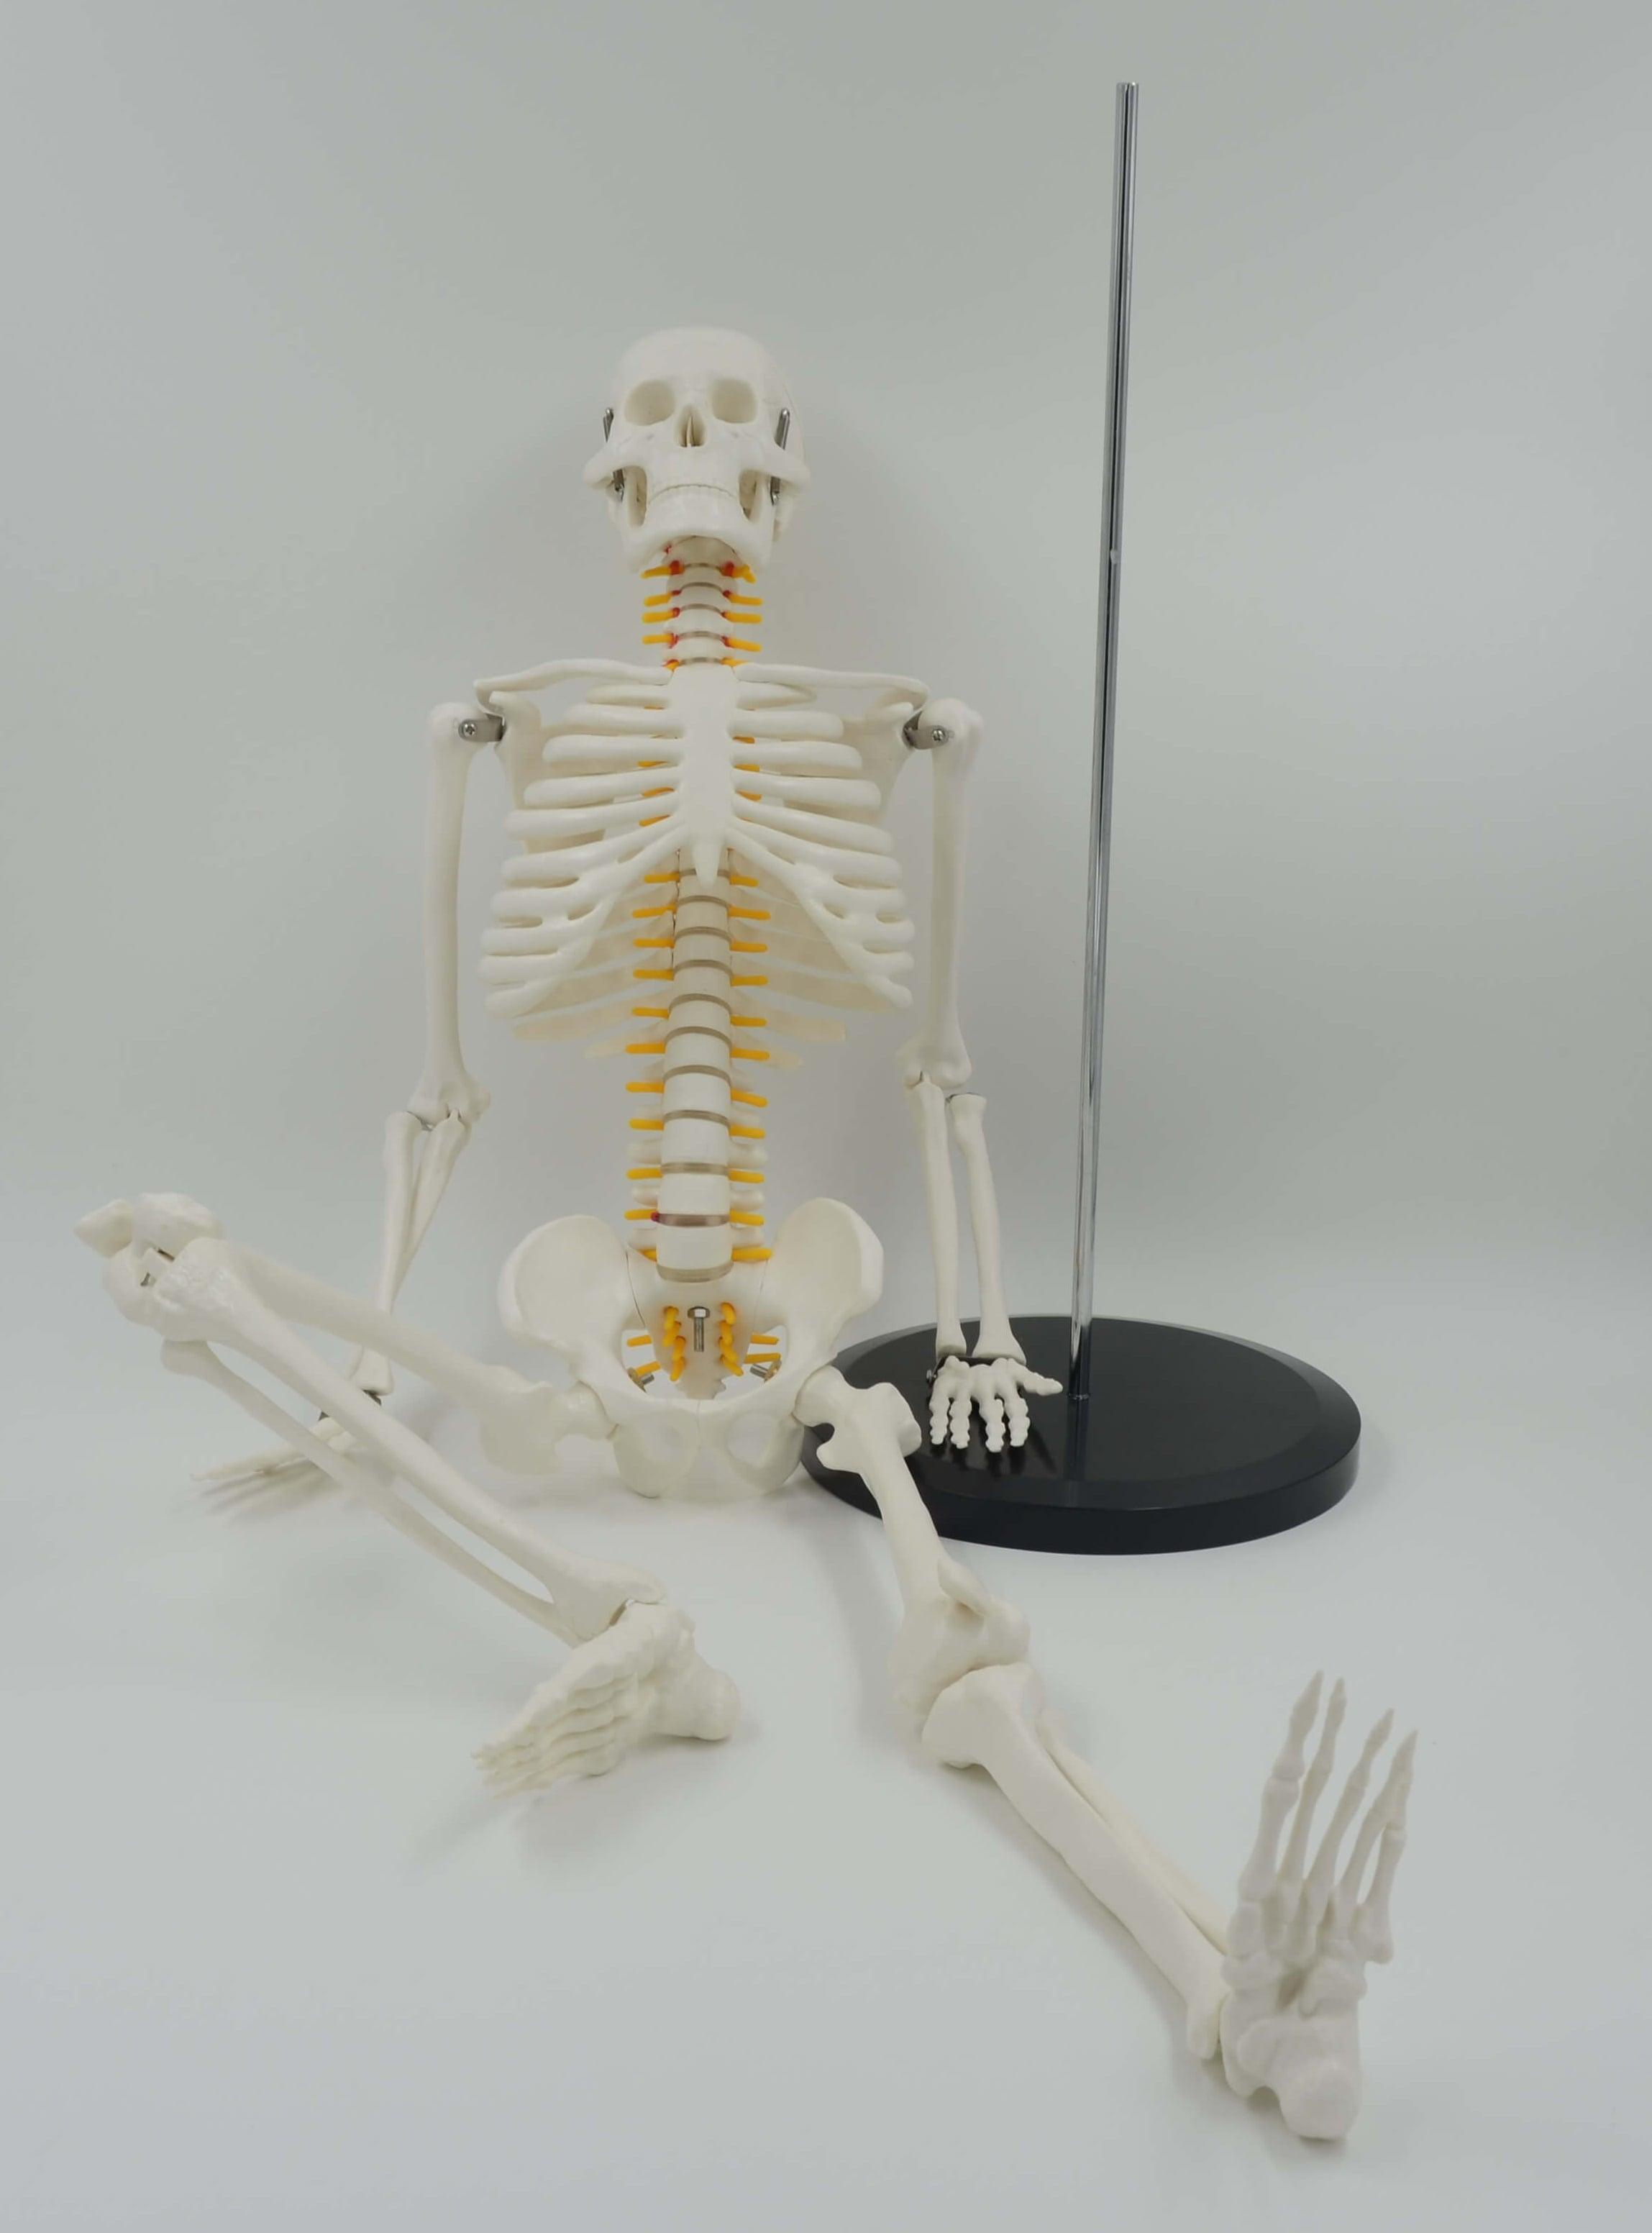 דגם אנטומי של שלד אנושי קטן